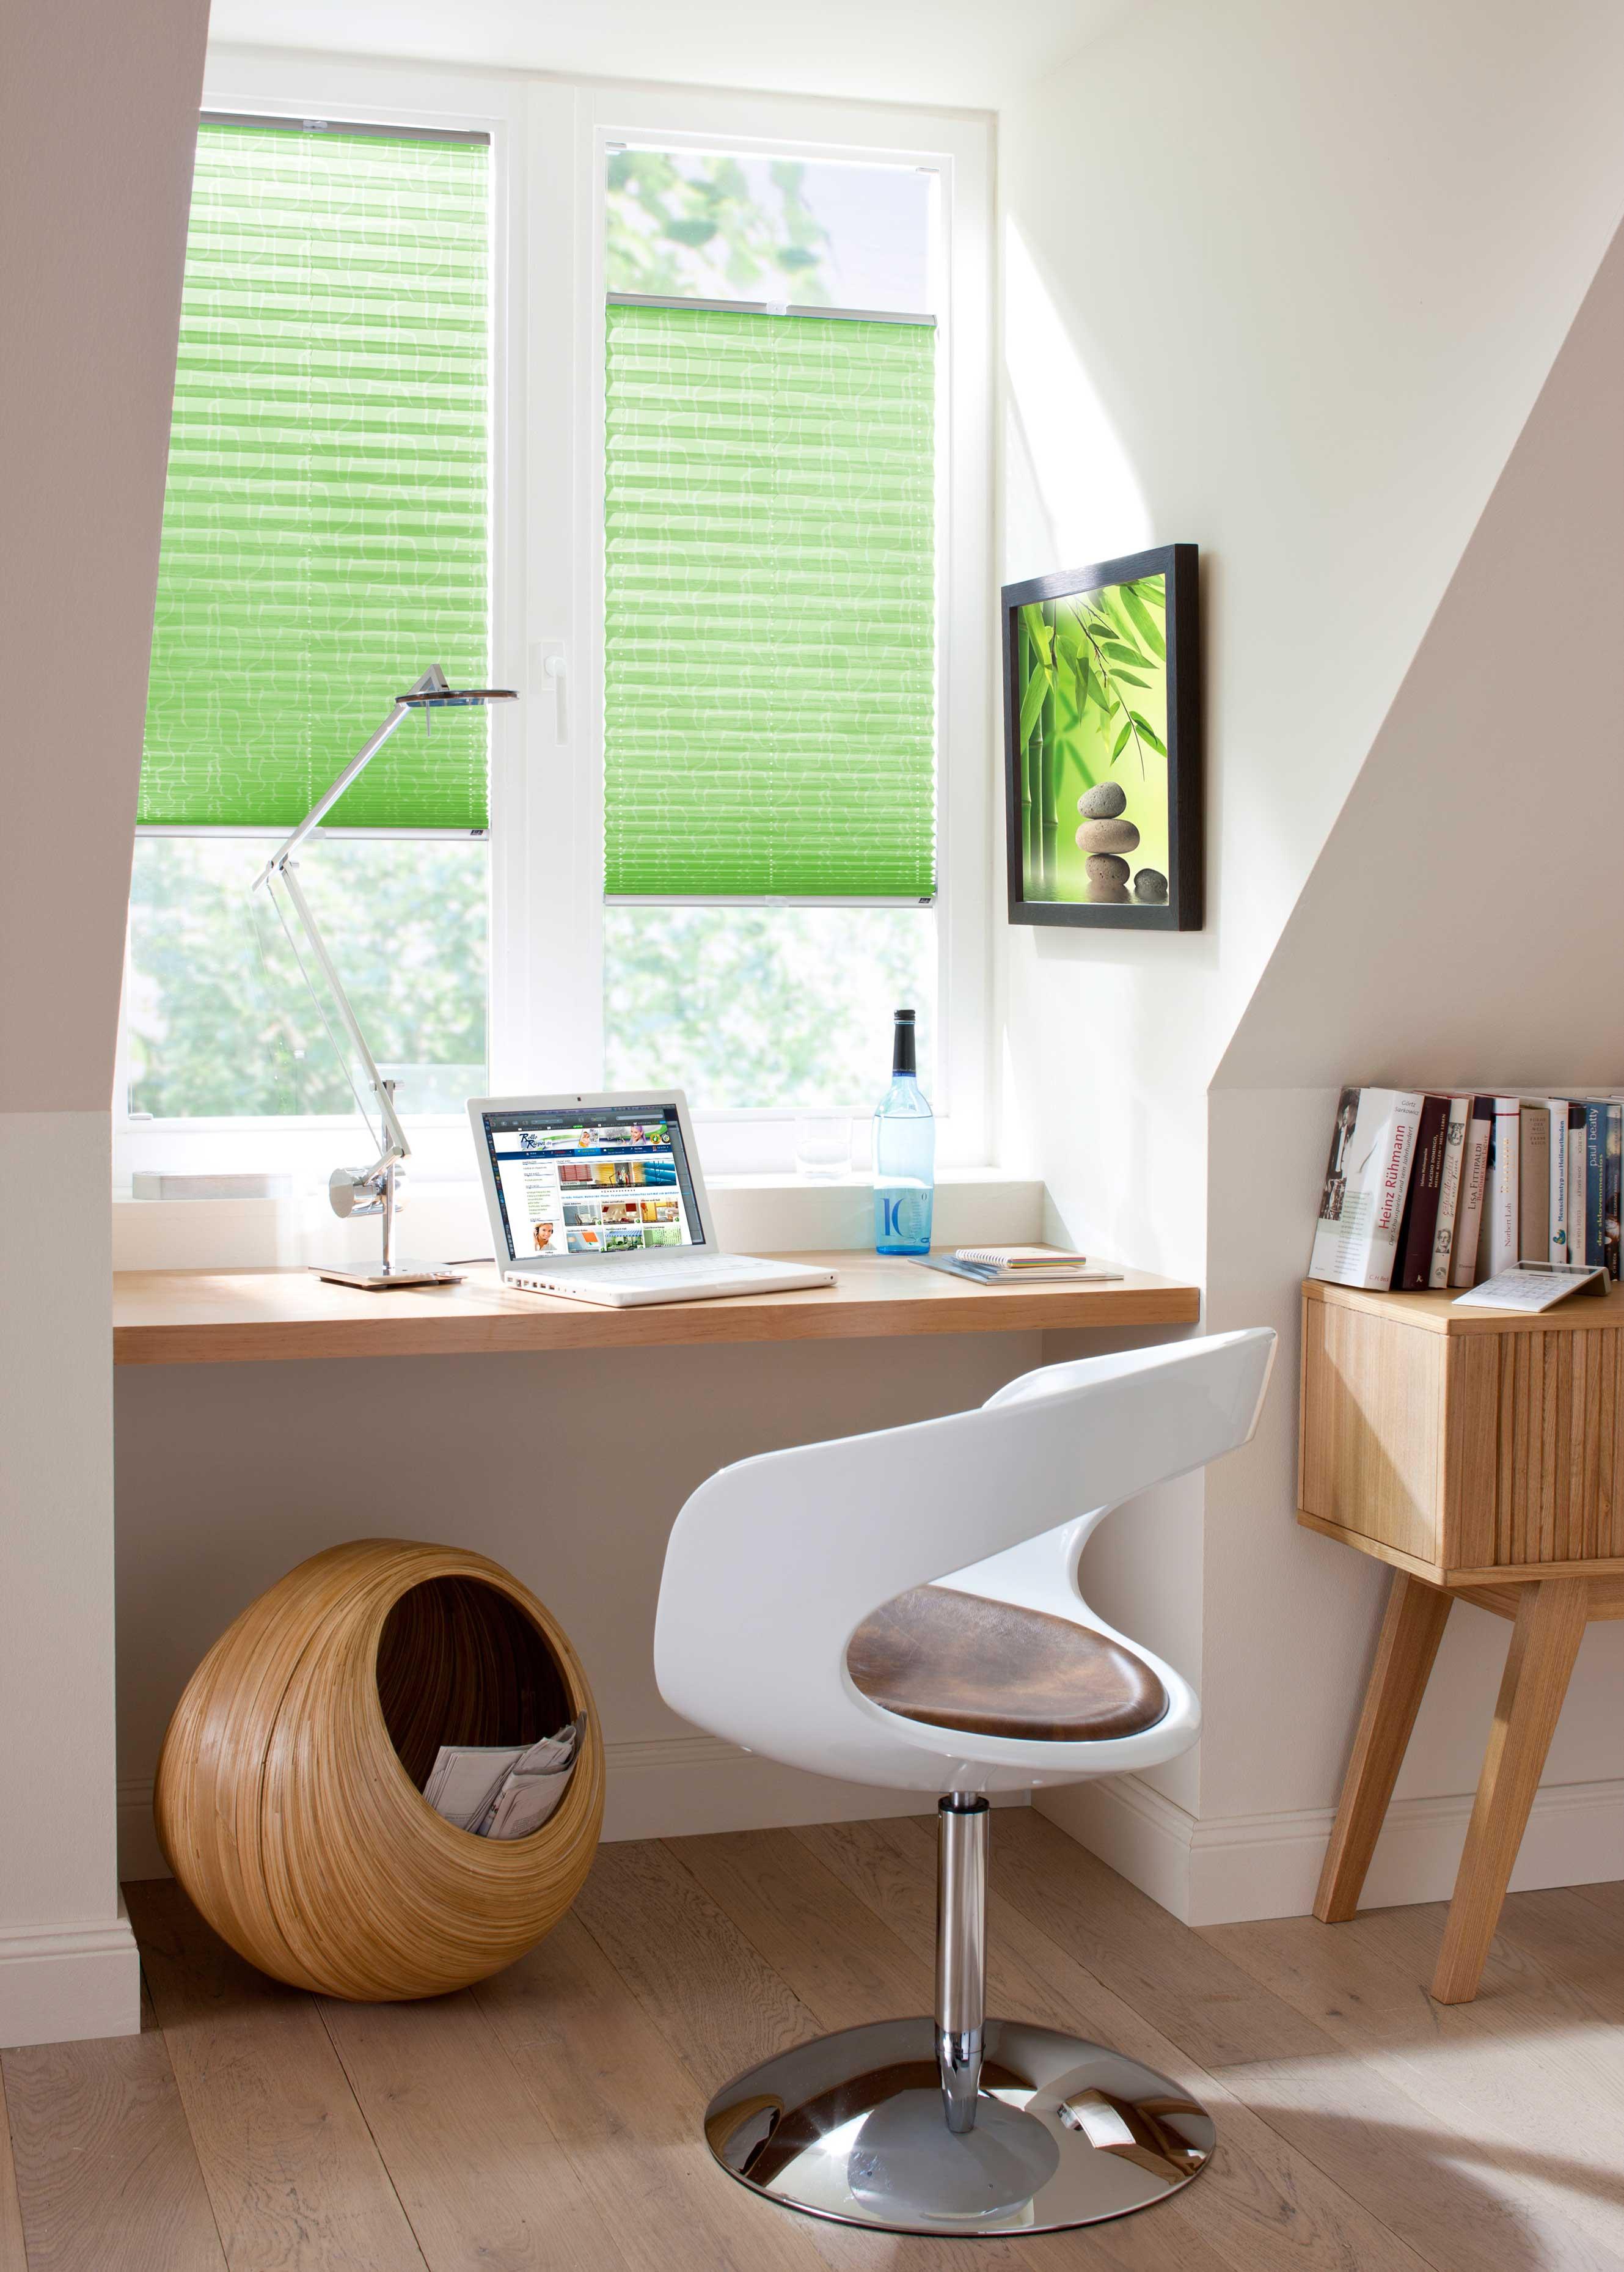 neue plissee kollektion online vor allem das angebot an cosiflor und duette wurde erweitert. Black Bedroom Furniture Sets. Home Design Ideas